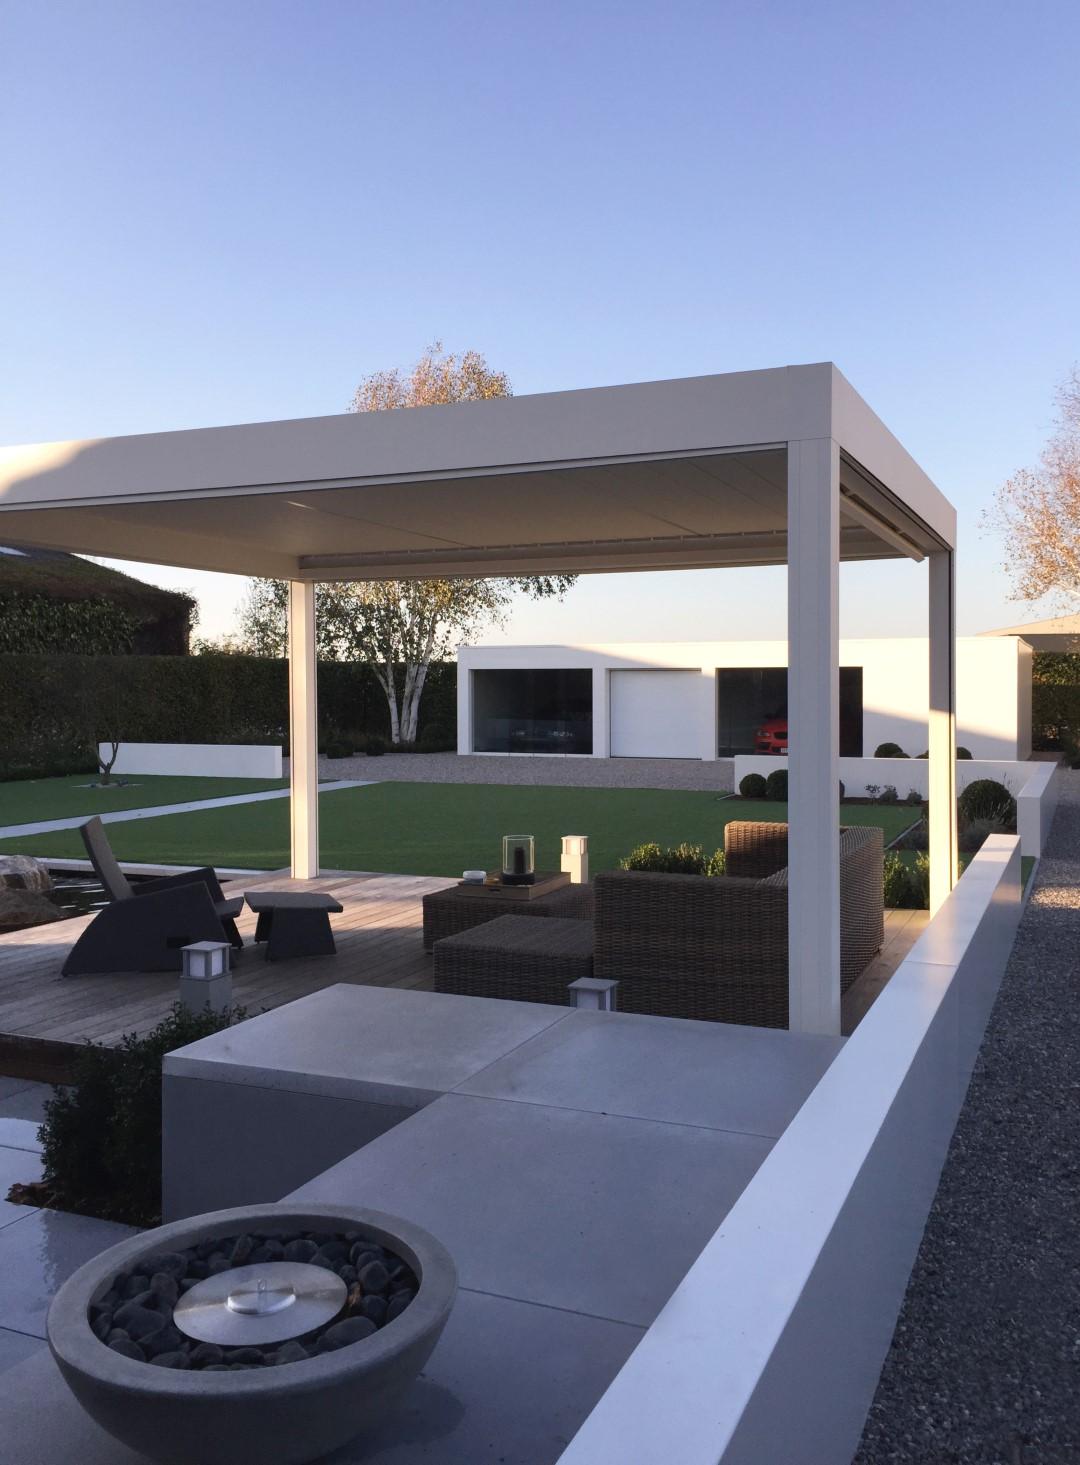 Eco tuinarchitectengroep projecten moderne tuin west vlaanderen - Tuin en zwembad design ...